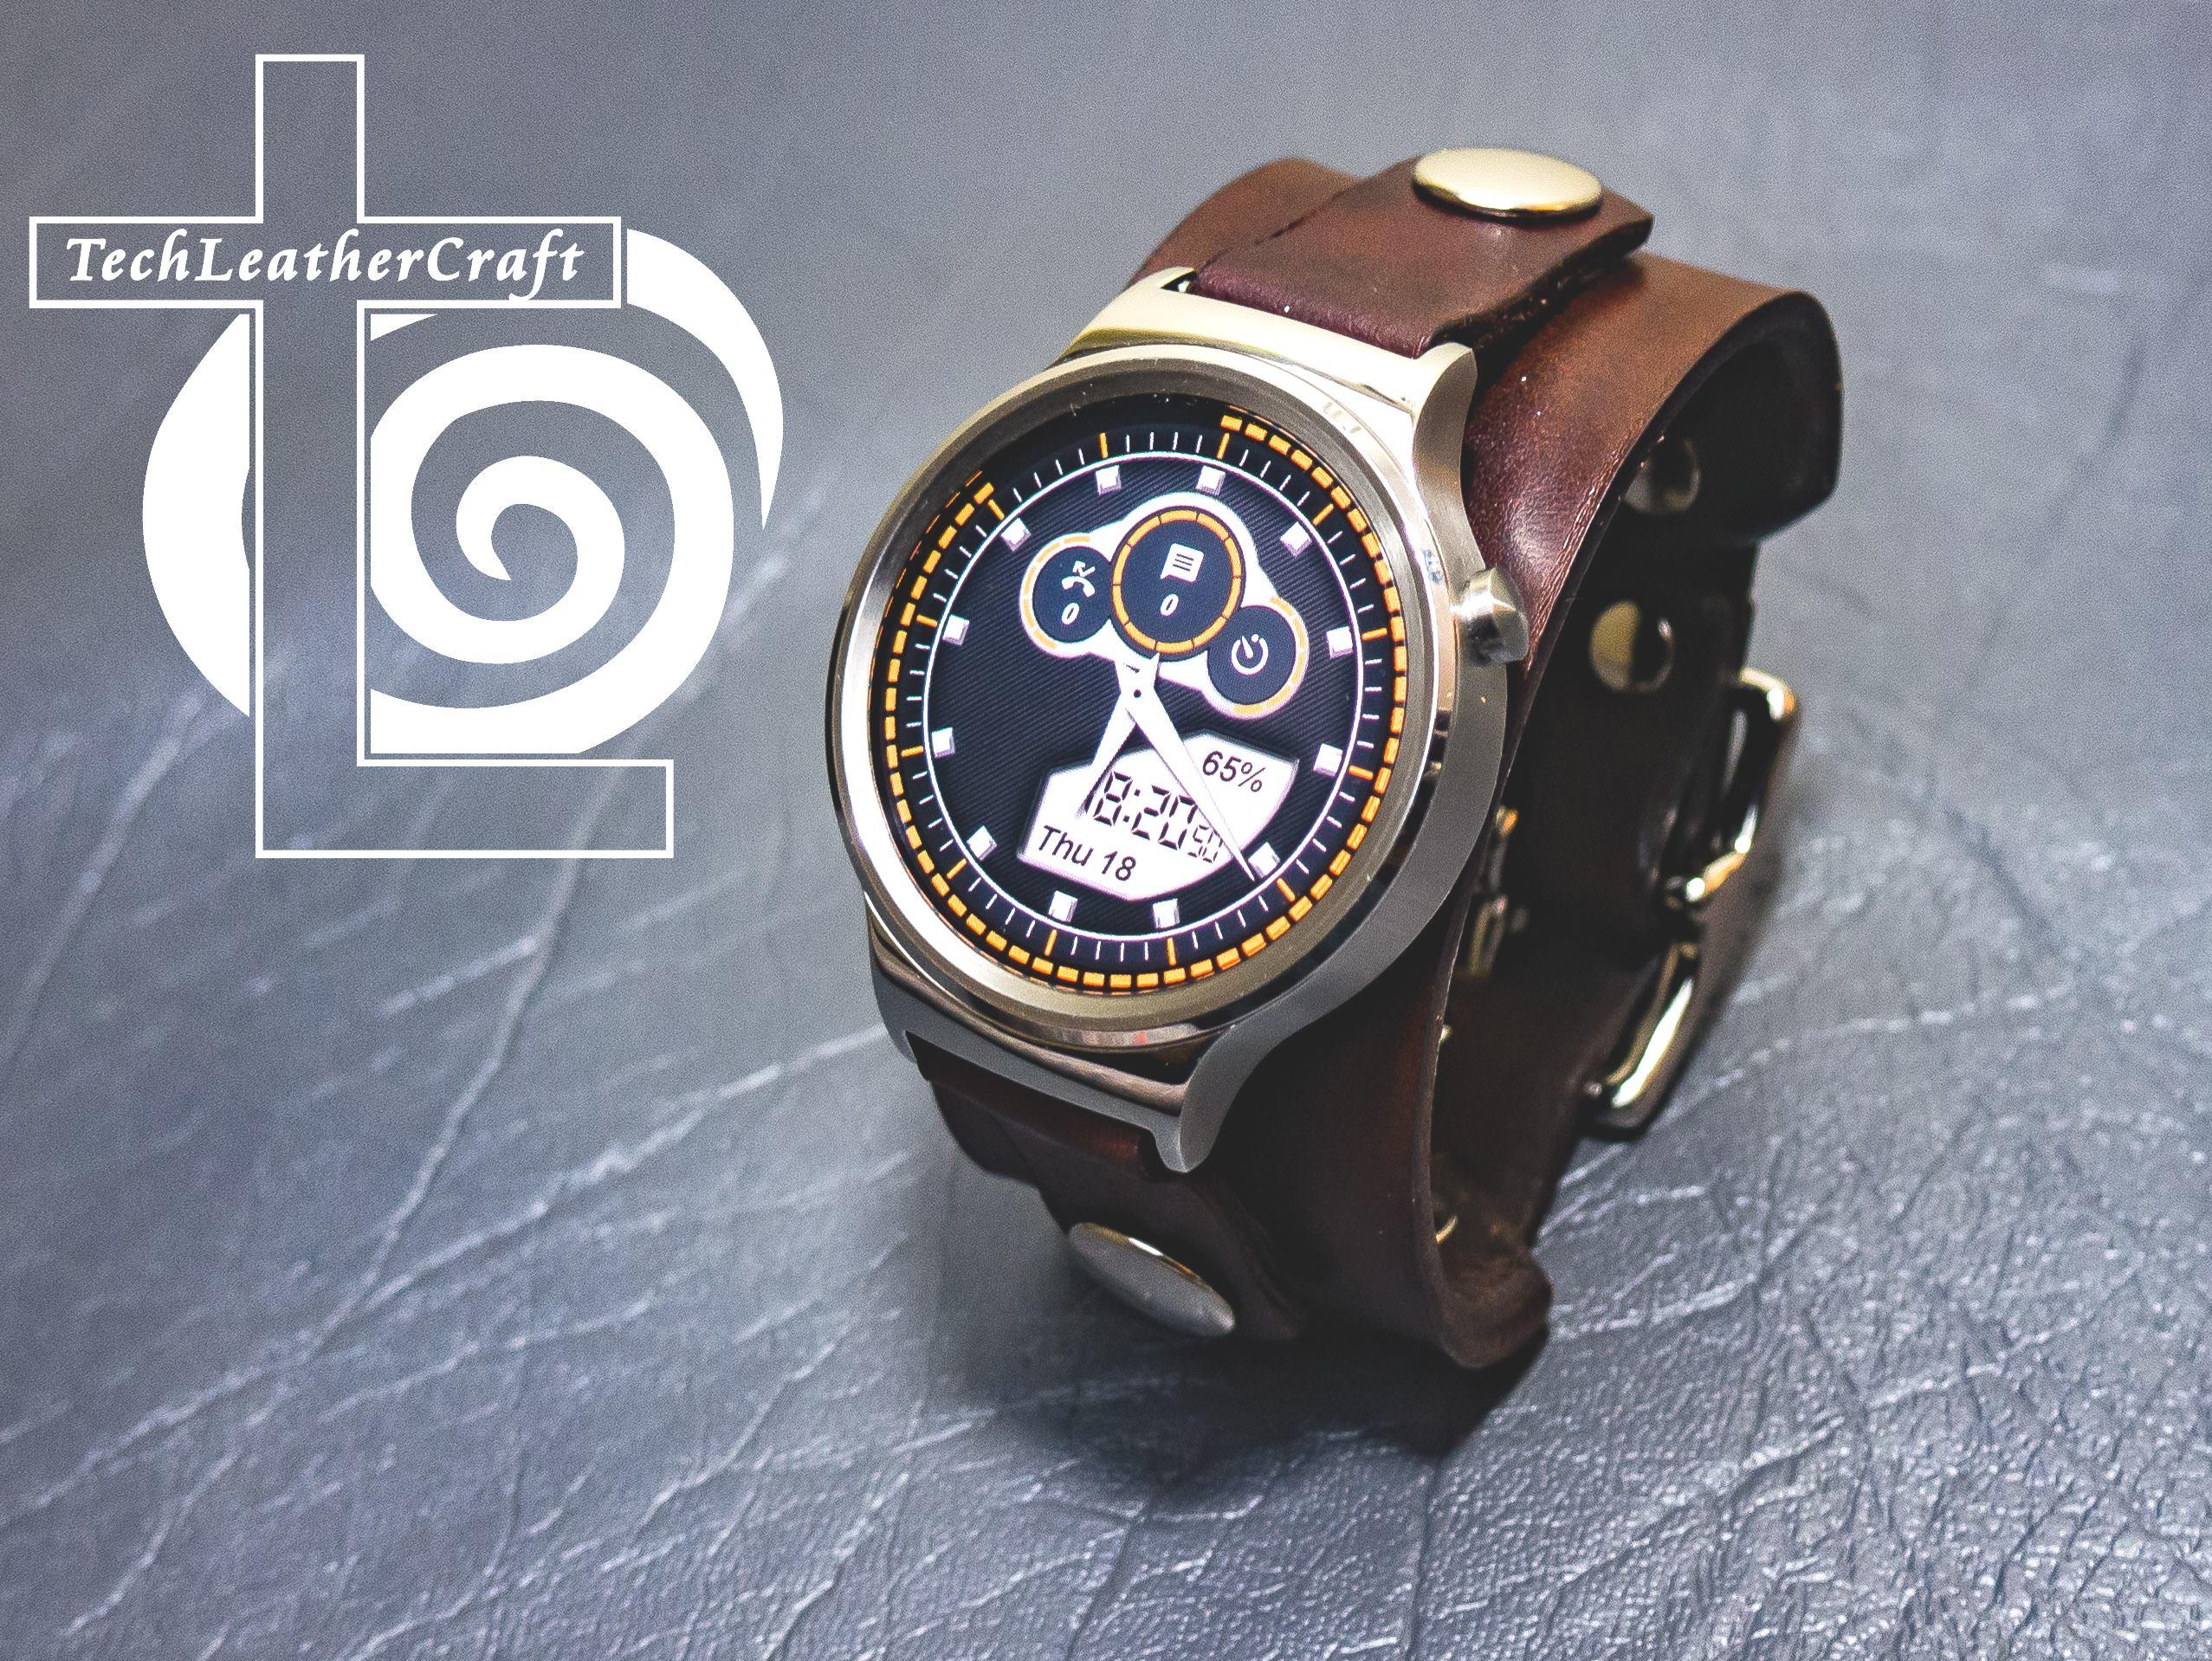 Leather Huawei Smartwatch Cuff Techleathercraft